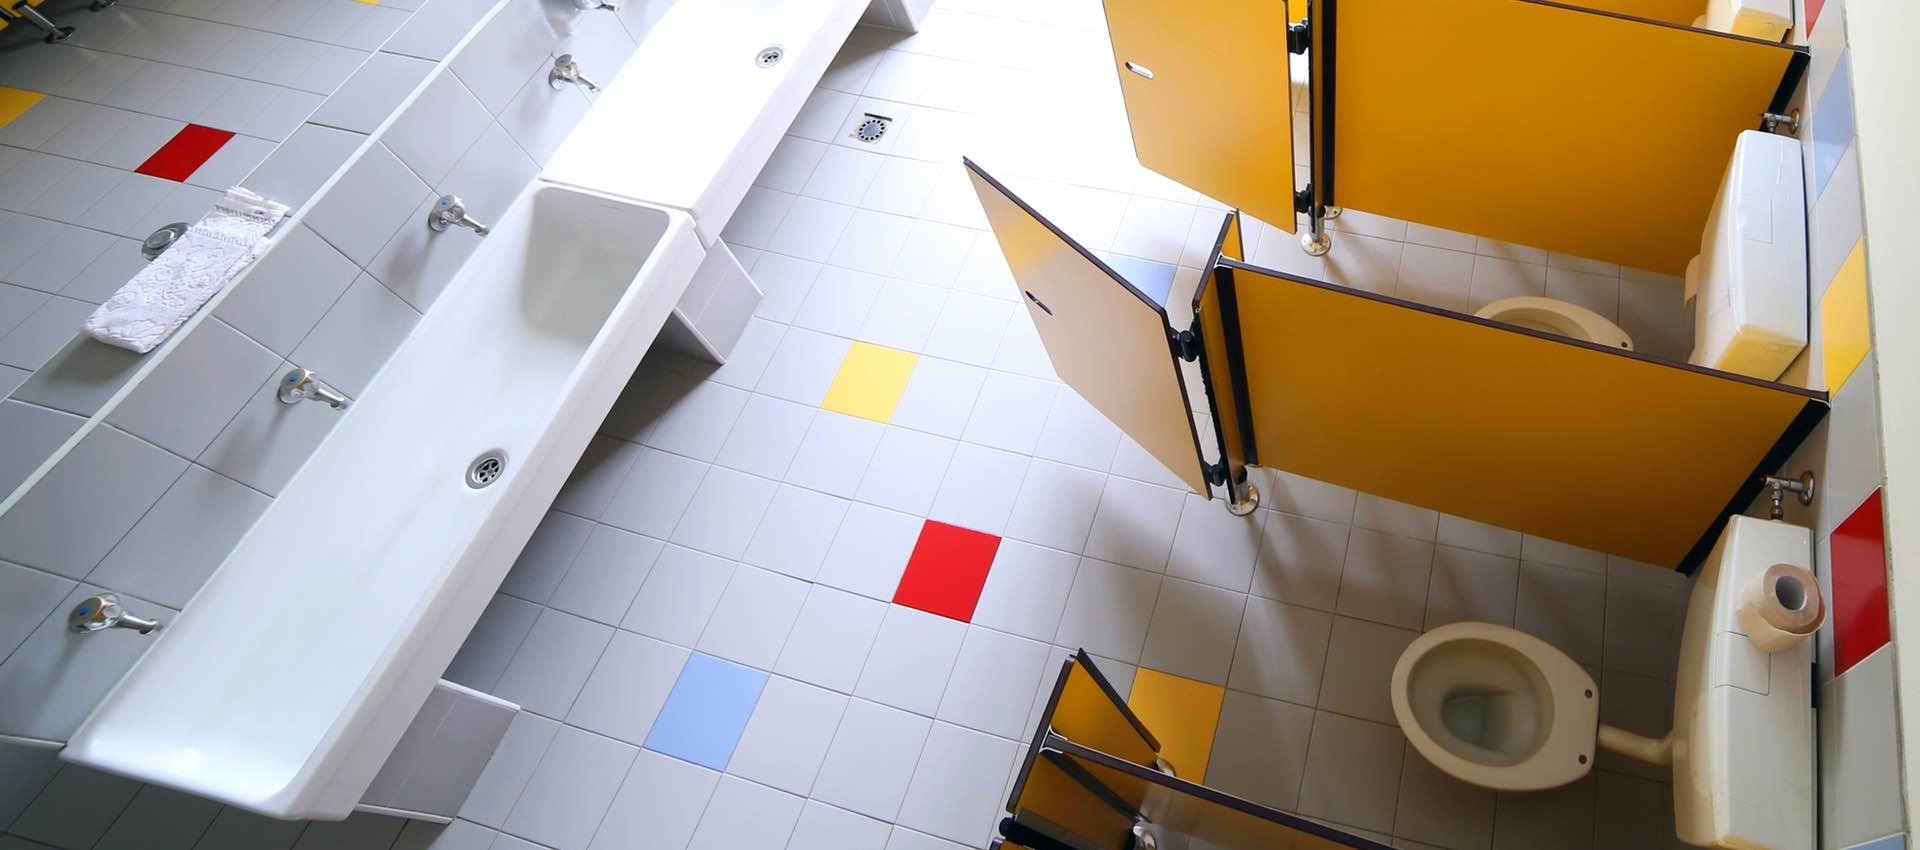 Clean school bathroom